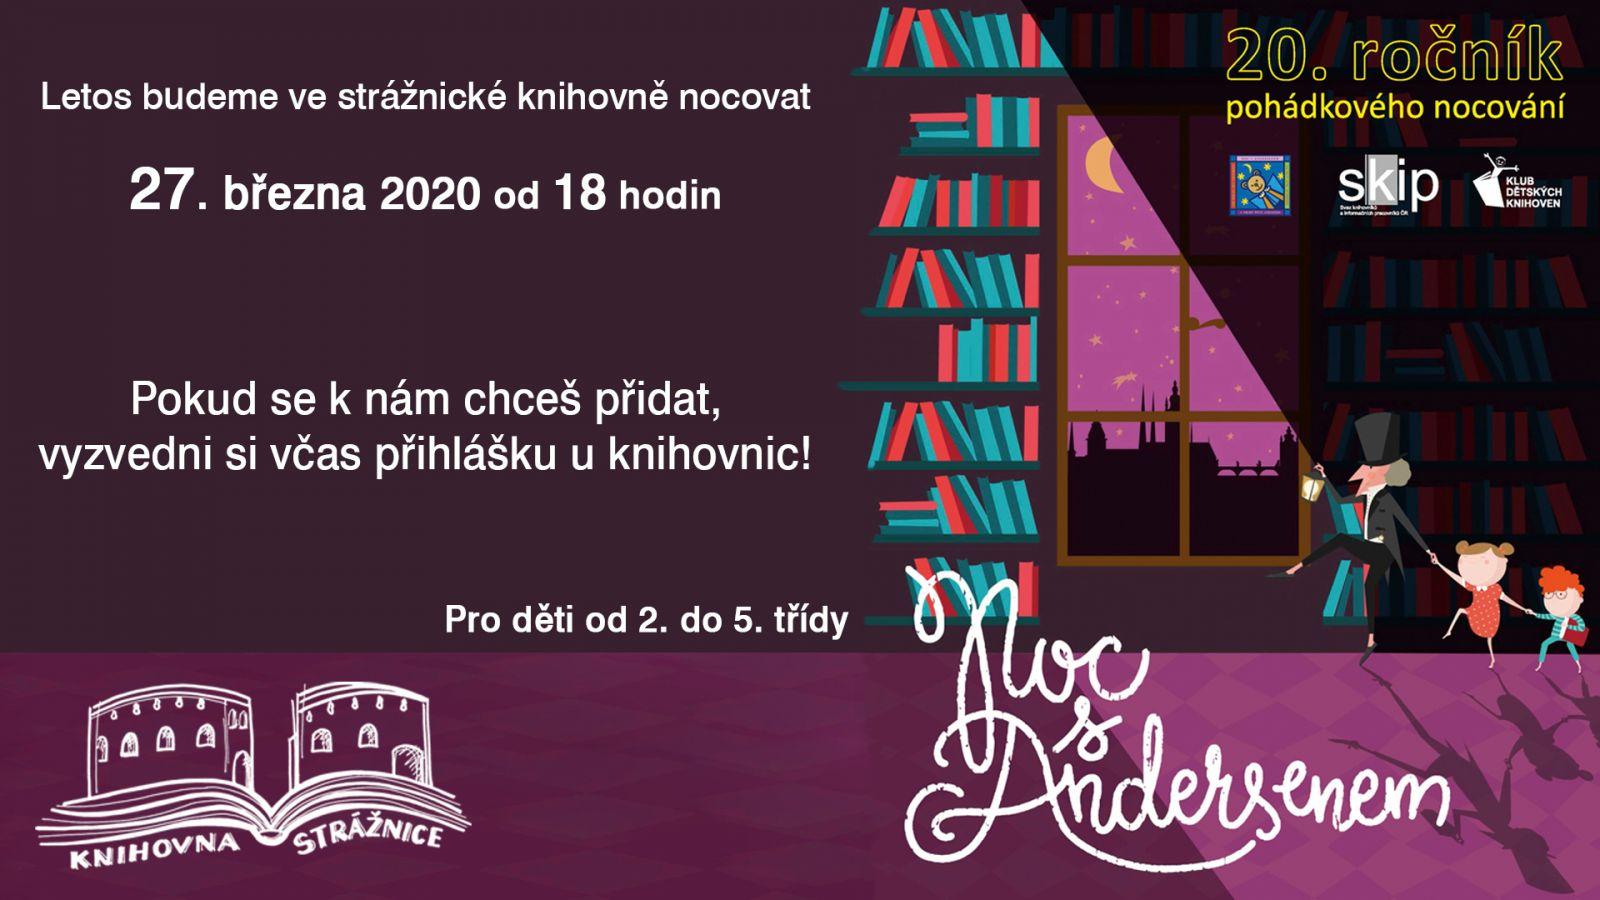 Noc s Andersenem 2020 ve strážnické knihovně